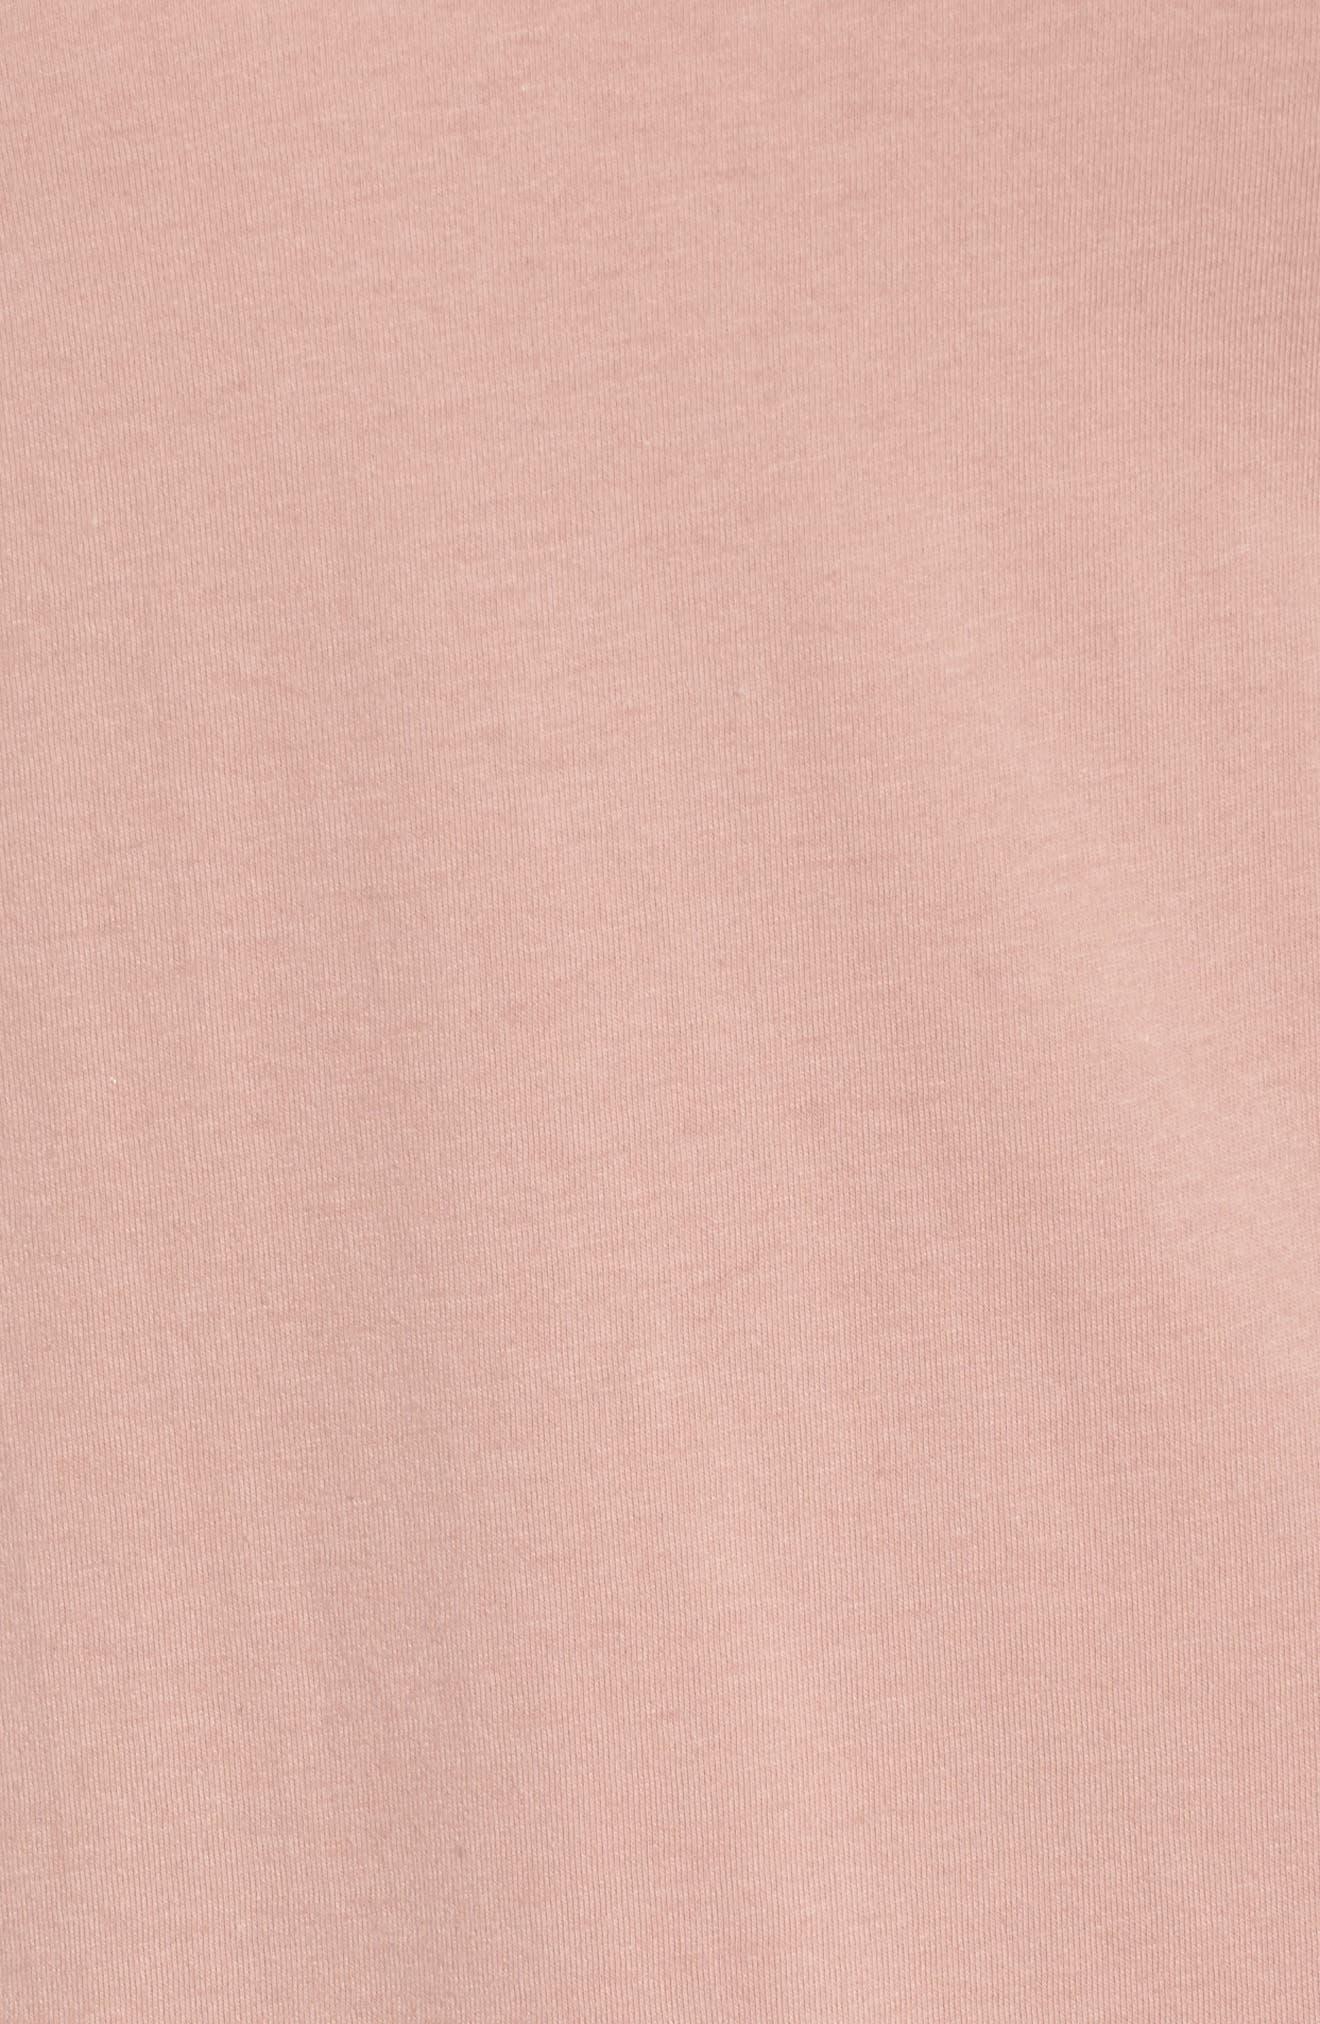 Alternate Image 5  - Glamorous Illusion Neck Shift Dress (Plus Size)